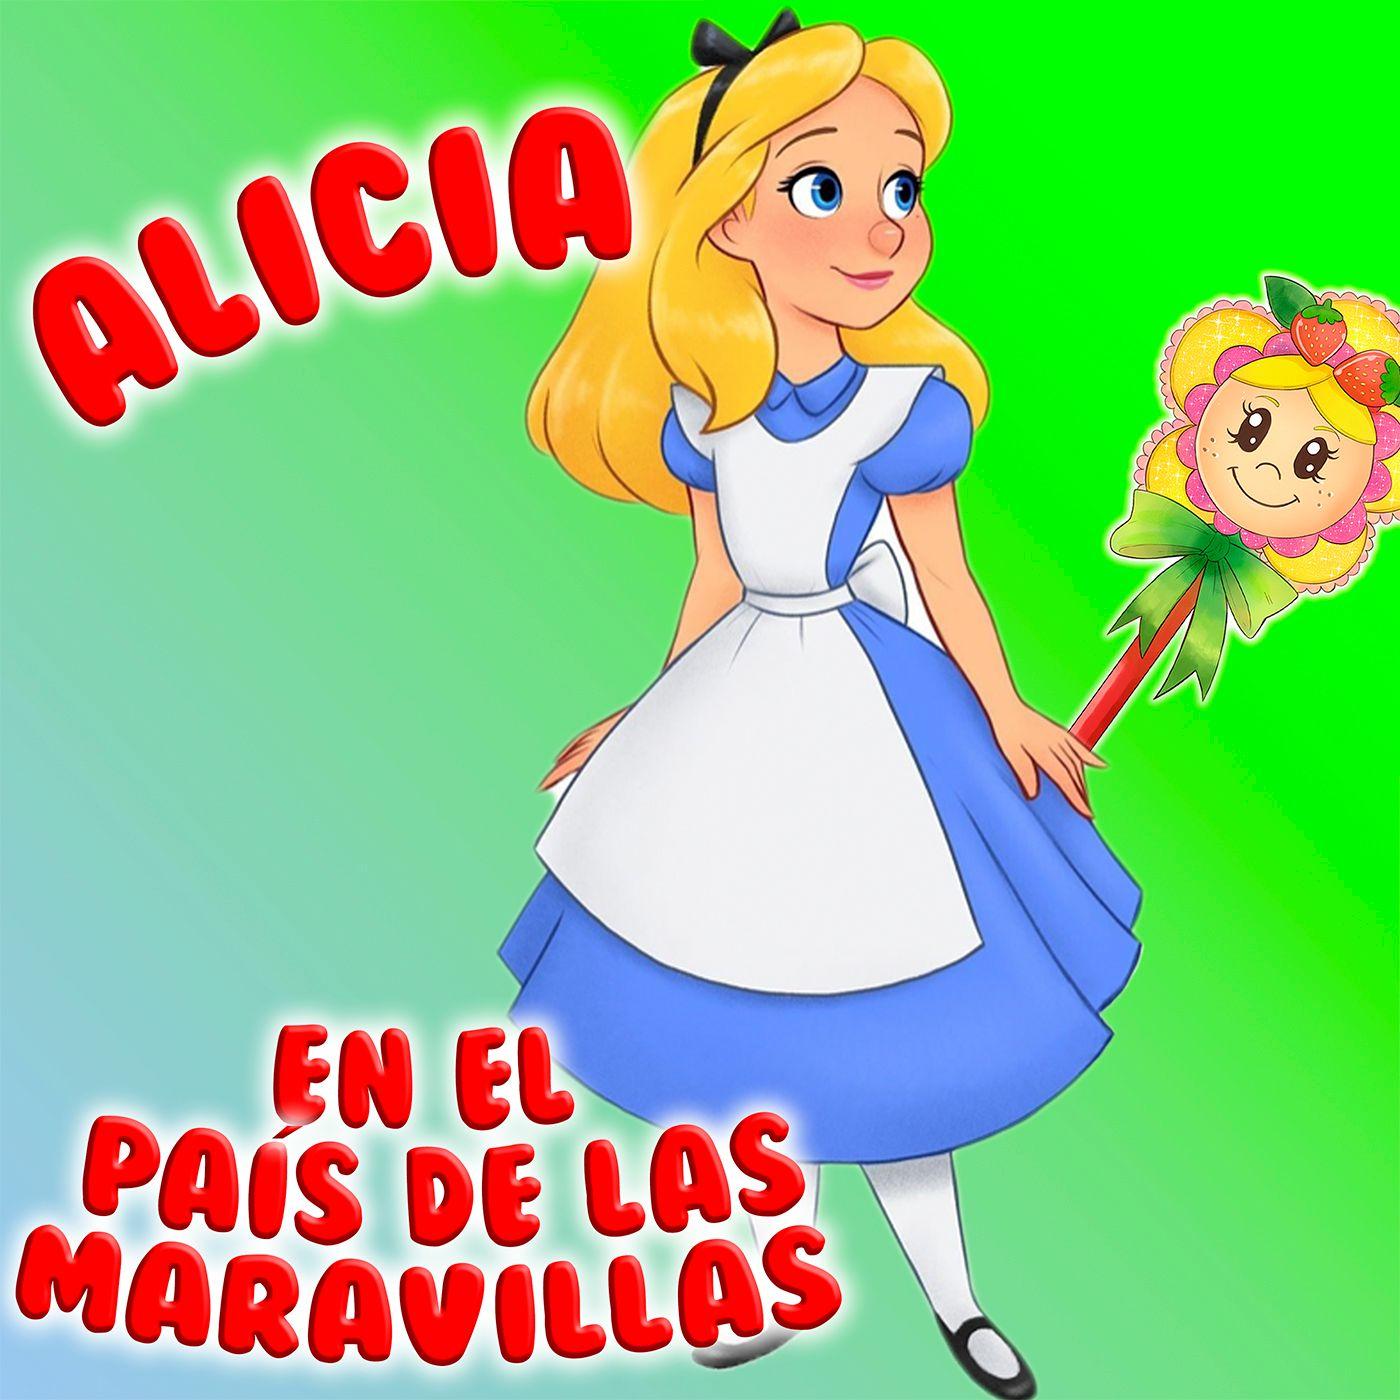 64. Alicia en el pais de las maravillas. Aprendemos inglés. Adaptacion del tradicional cuento por Hada de Fresa